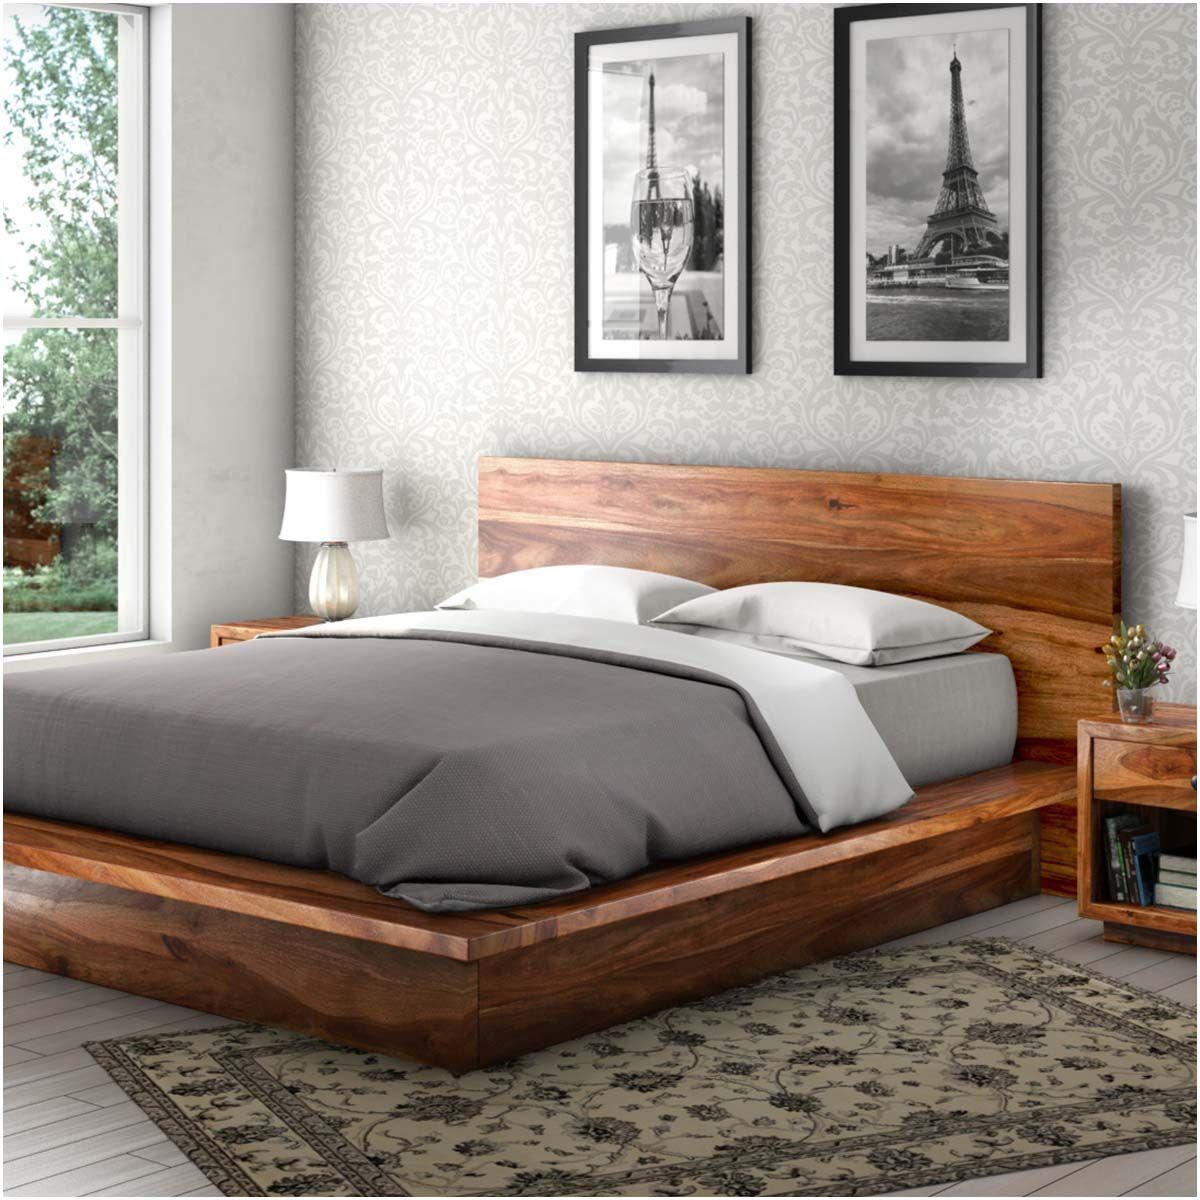 Delaware Solid Wood Platform Bed Frame | Solid wood platform bed ...